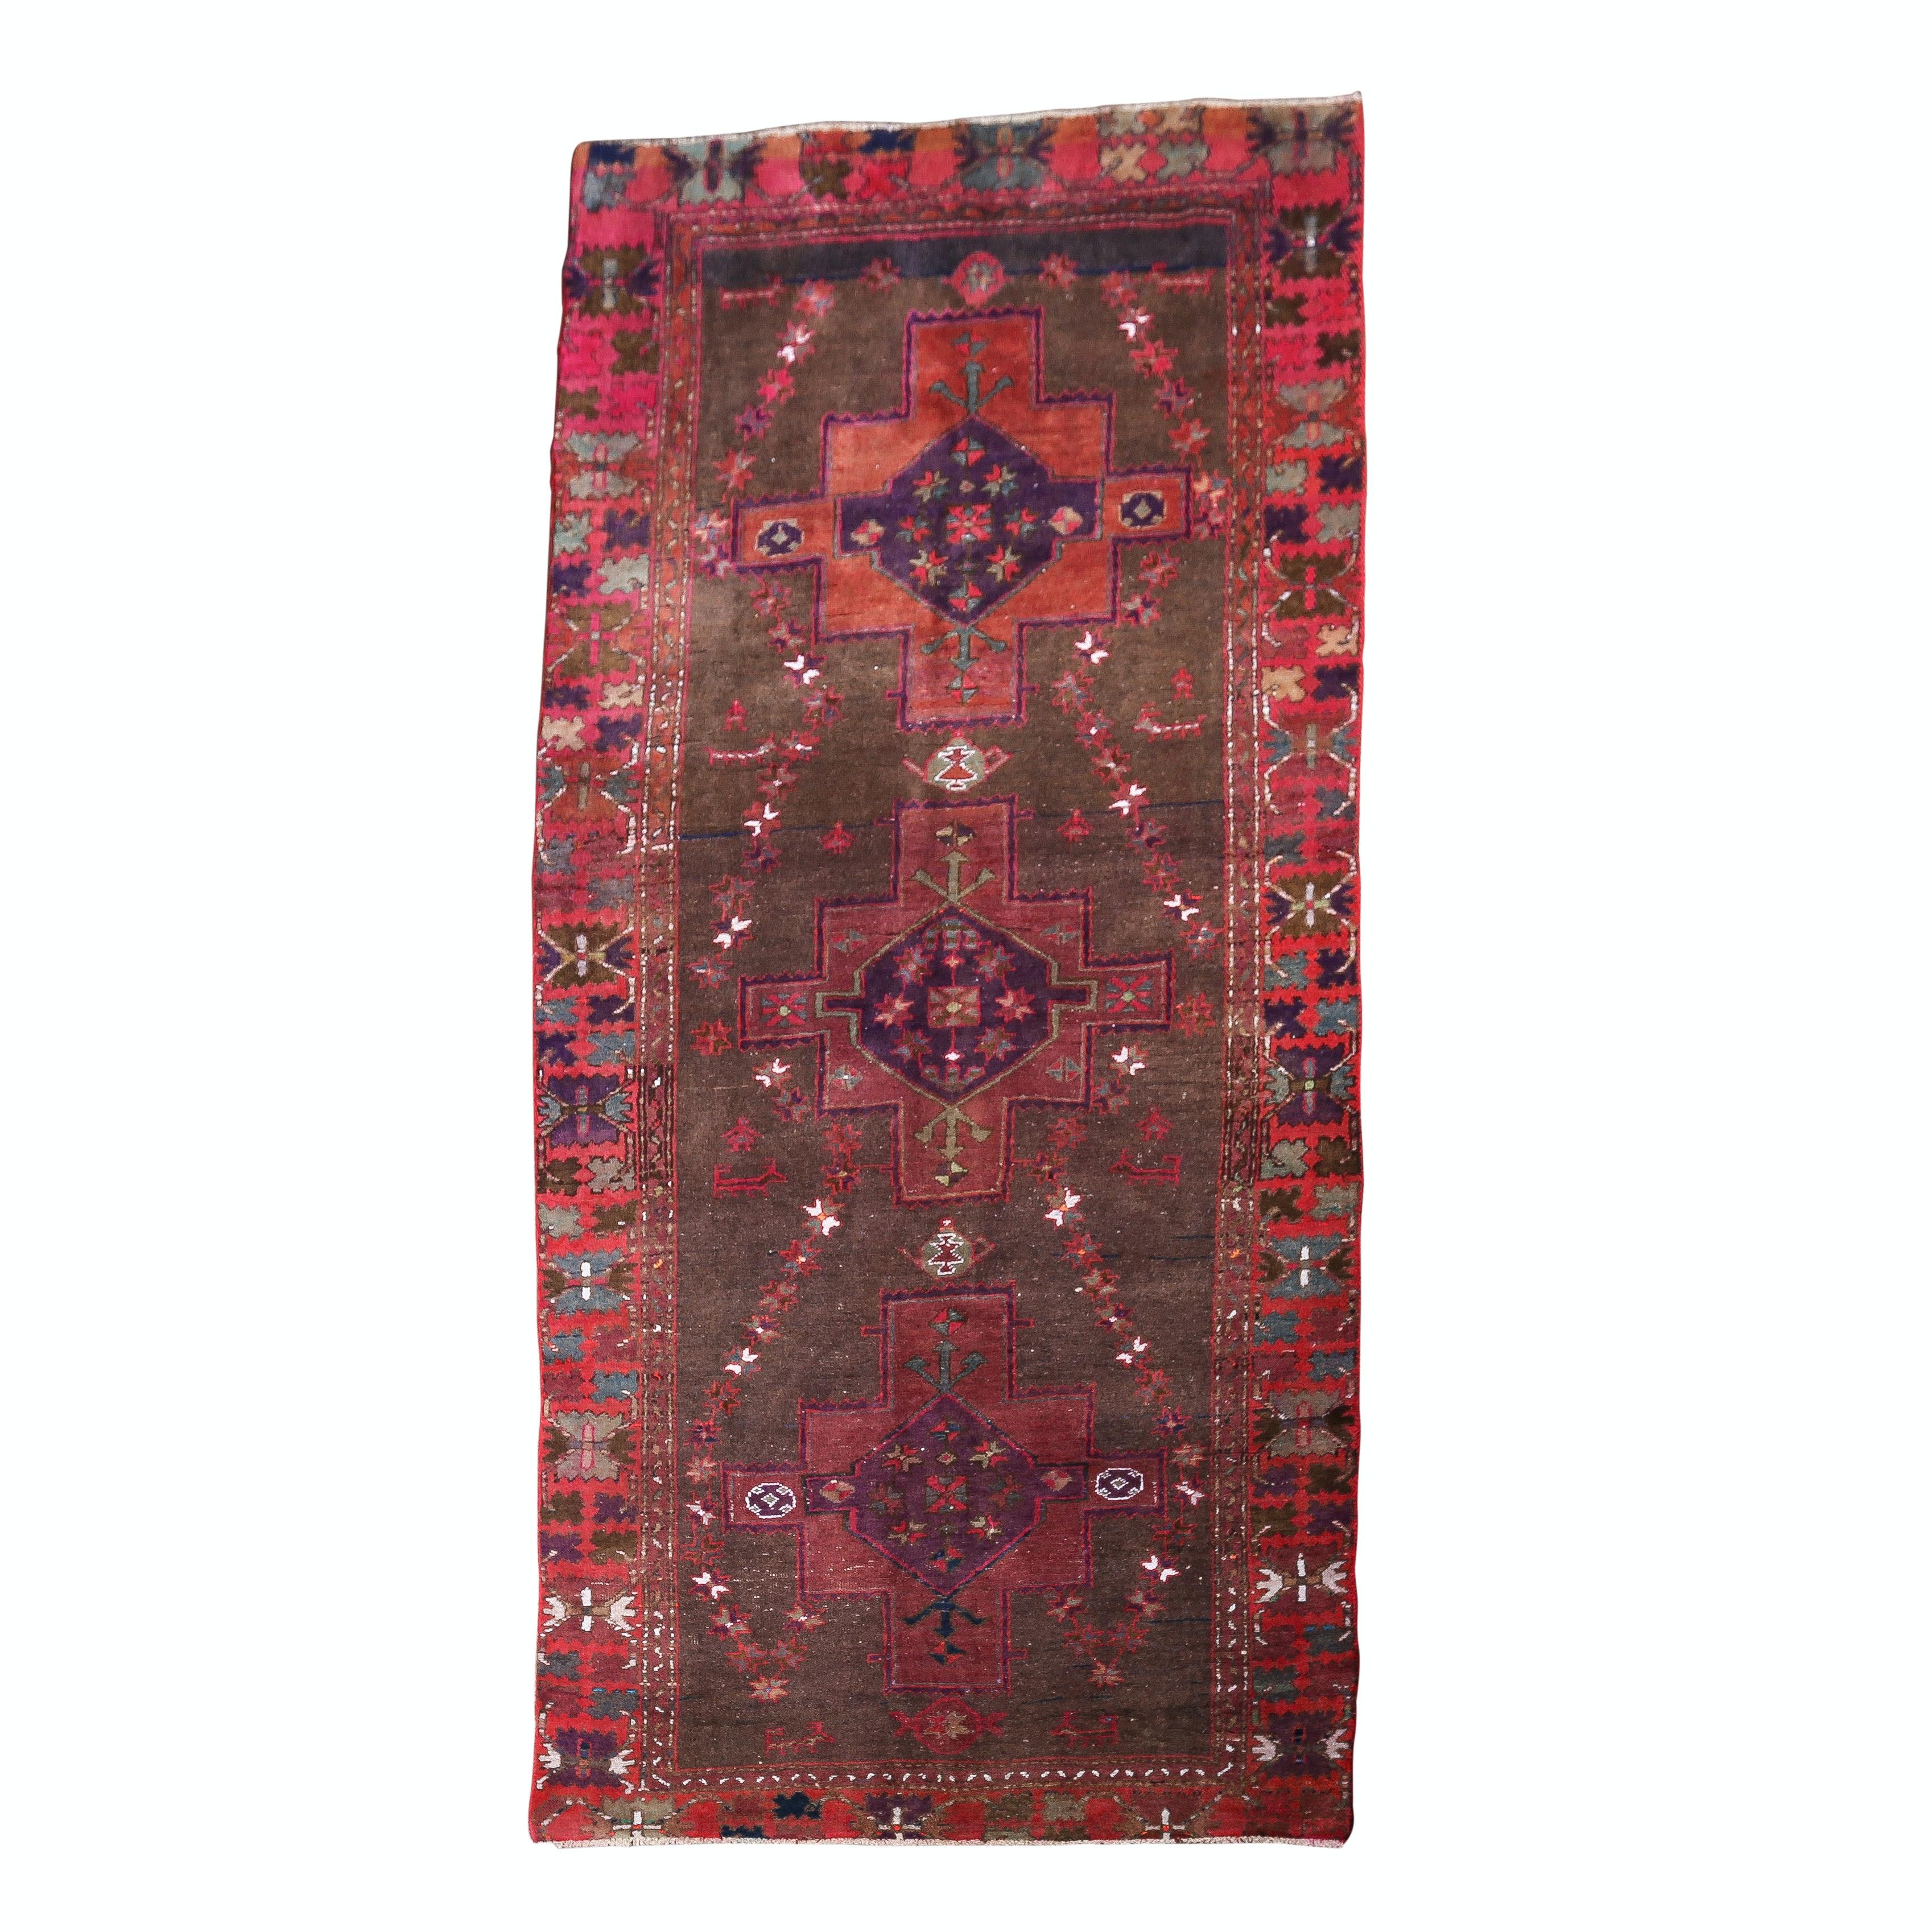 Vintage Hand-Knotted Caucasian Karabagh Long Rug